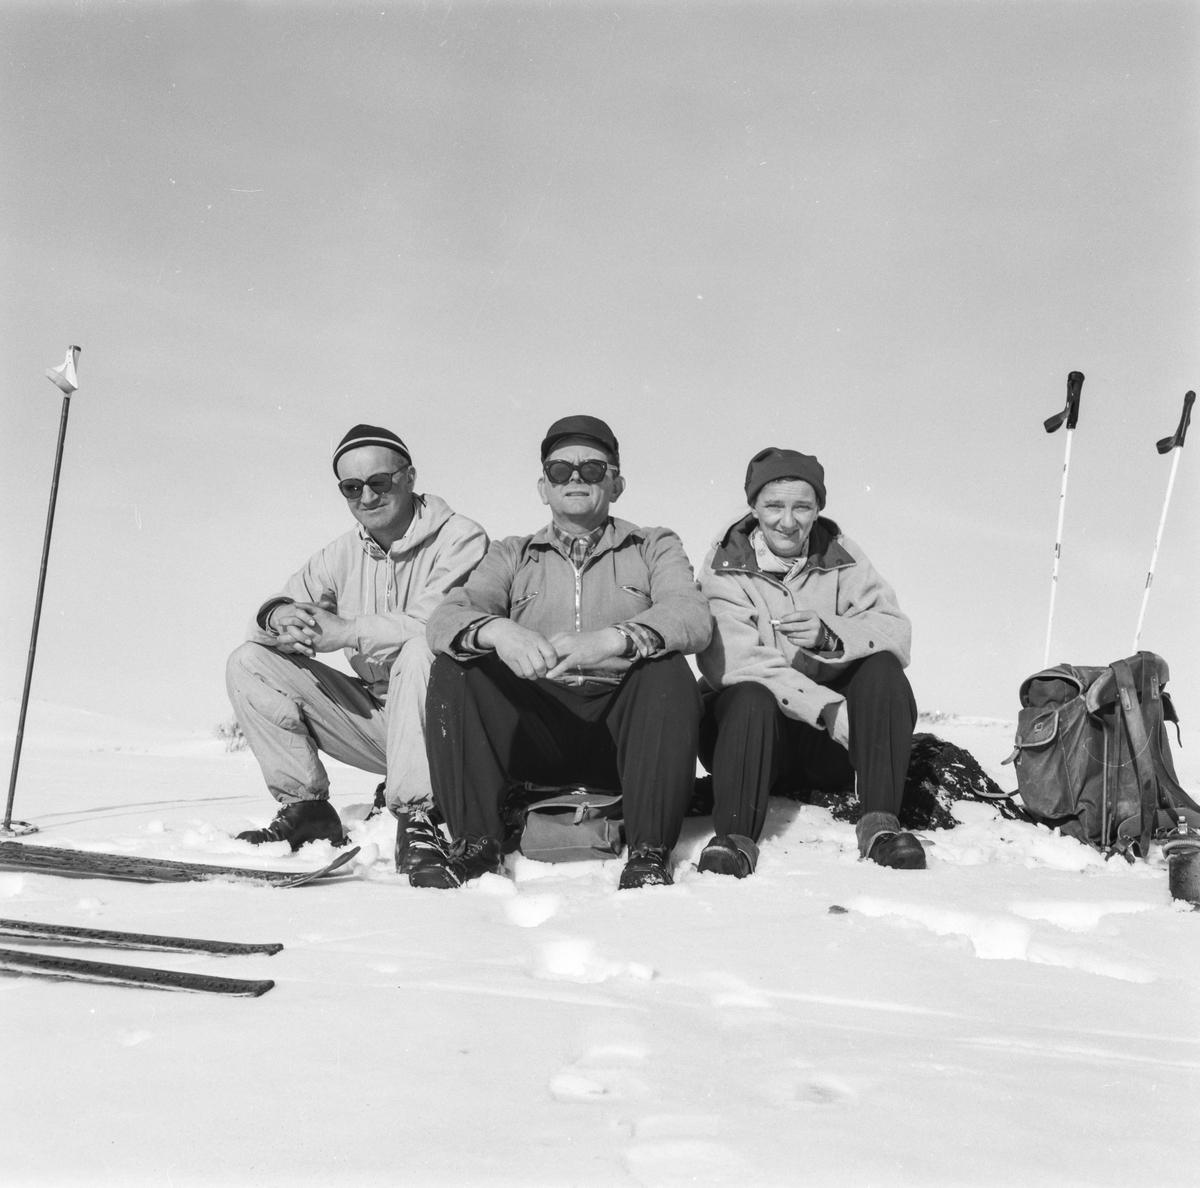 Vinter og snø to menn og ei kvinne på skitur, anorakkar, strekkbukser, beksaumsko, solbriller, ski og stavar, skyggehue, Kongsberghue, panneband, ryggsekk, ransel,